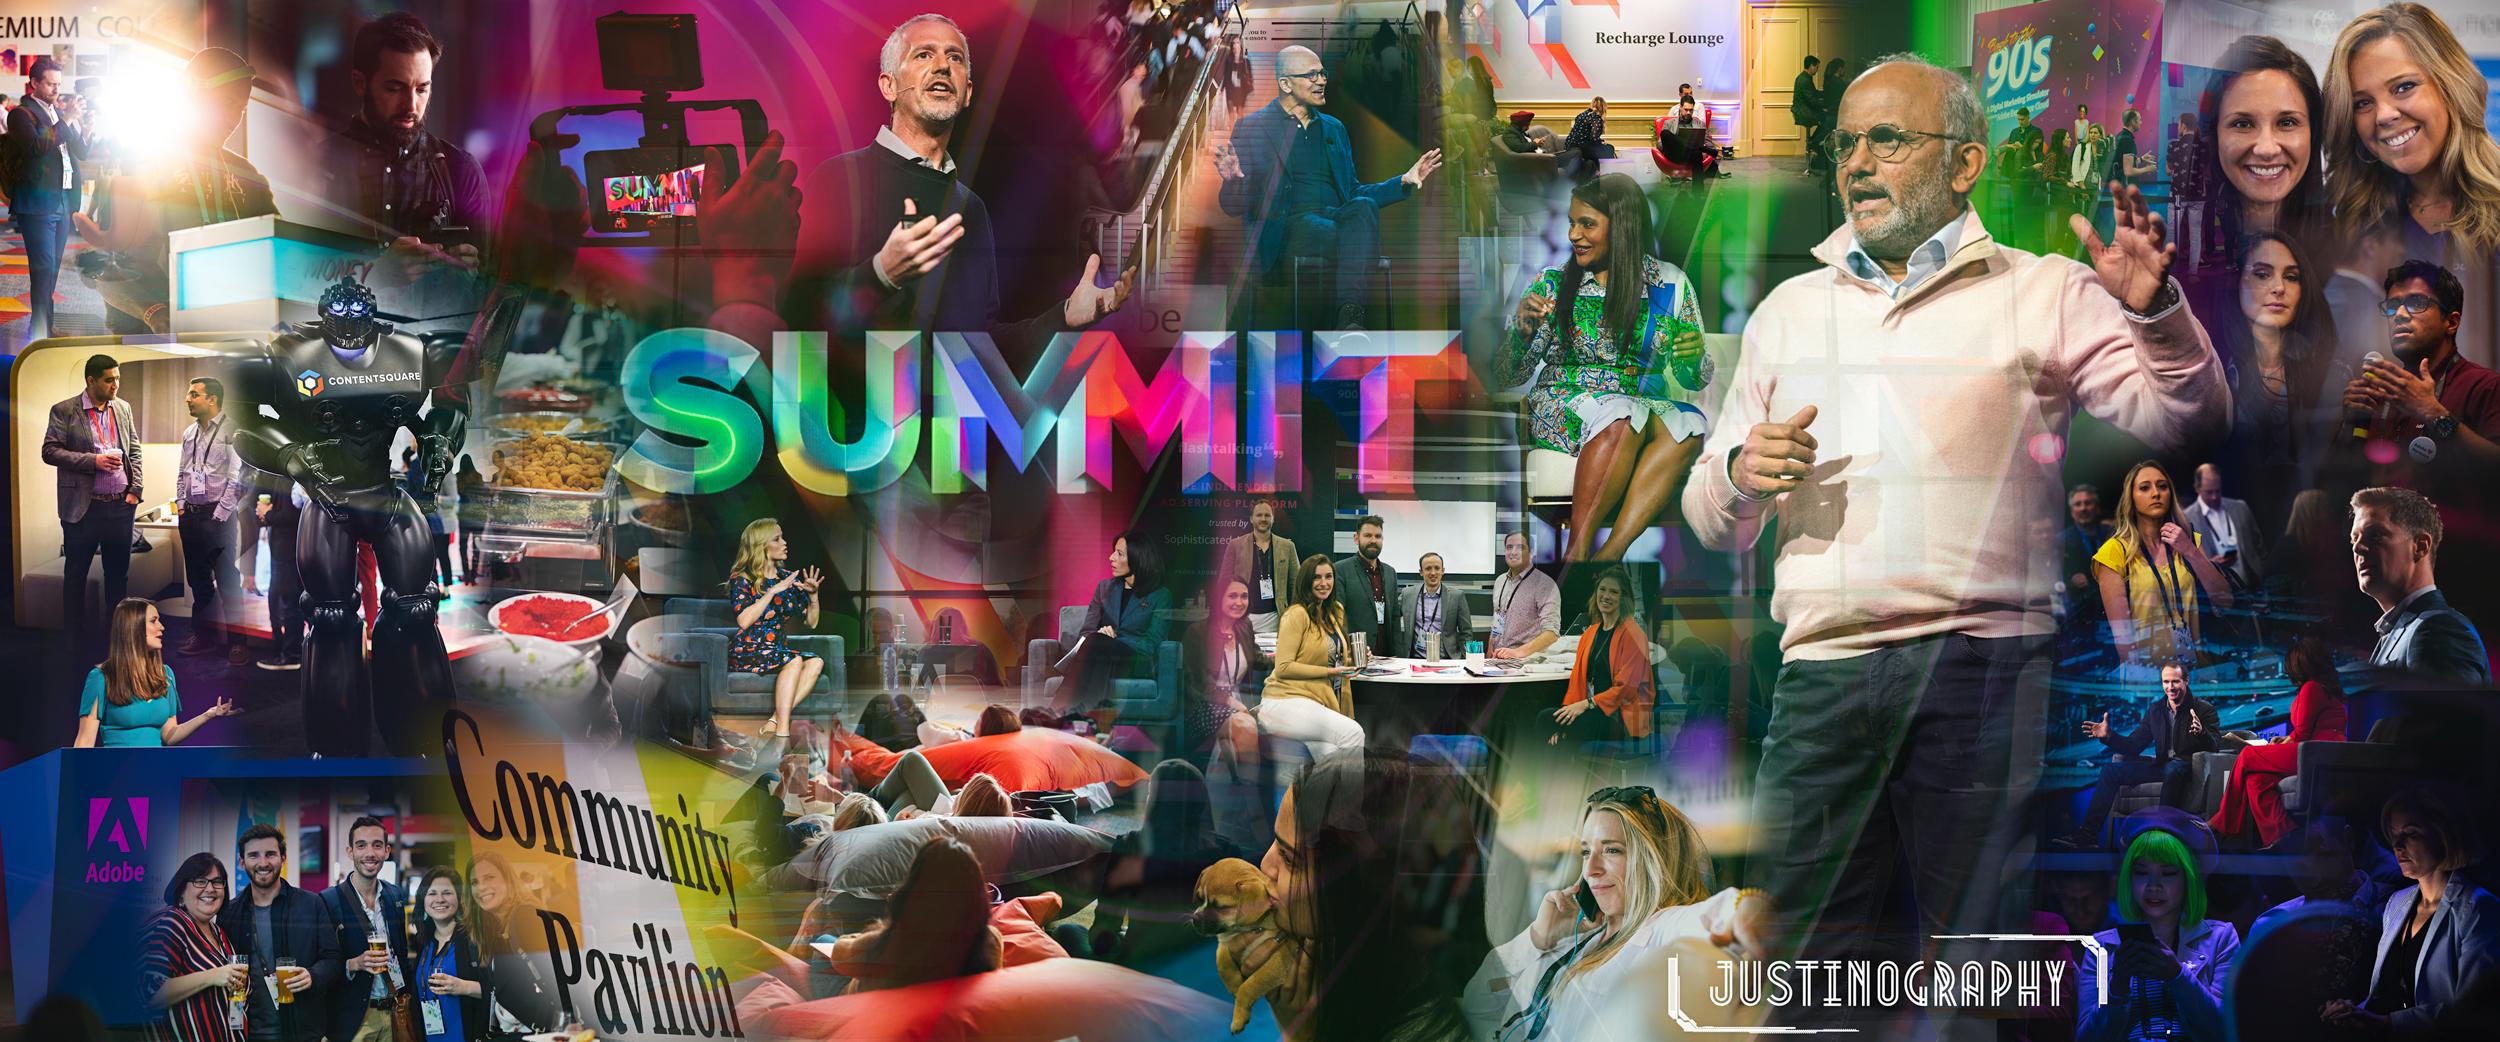 summit-collage3-sm.jpg